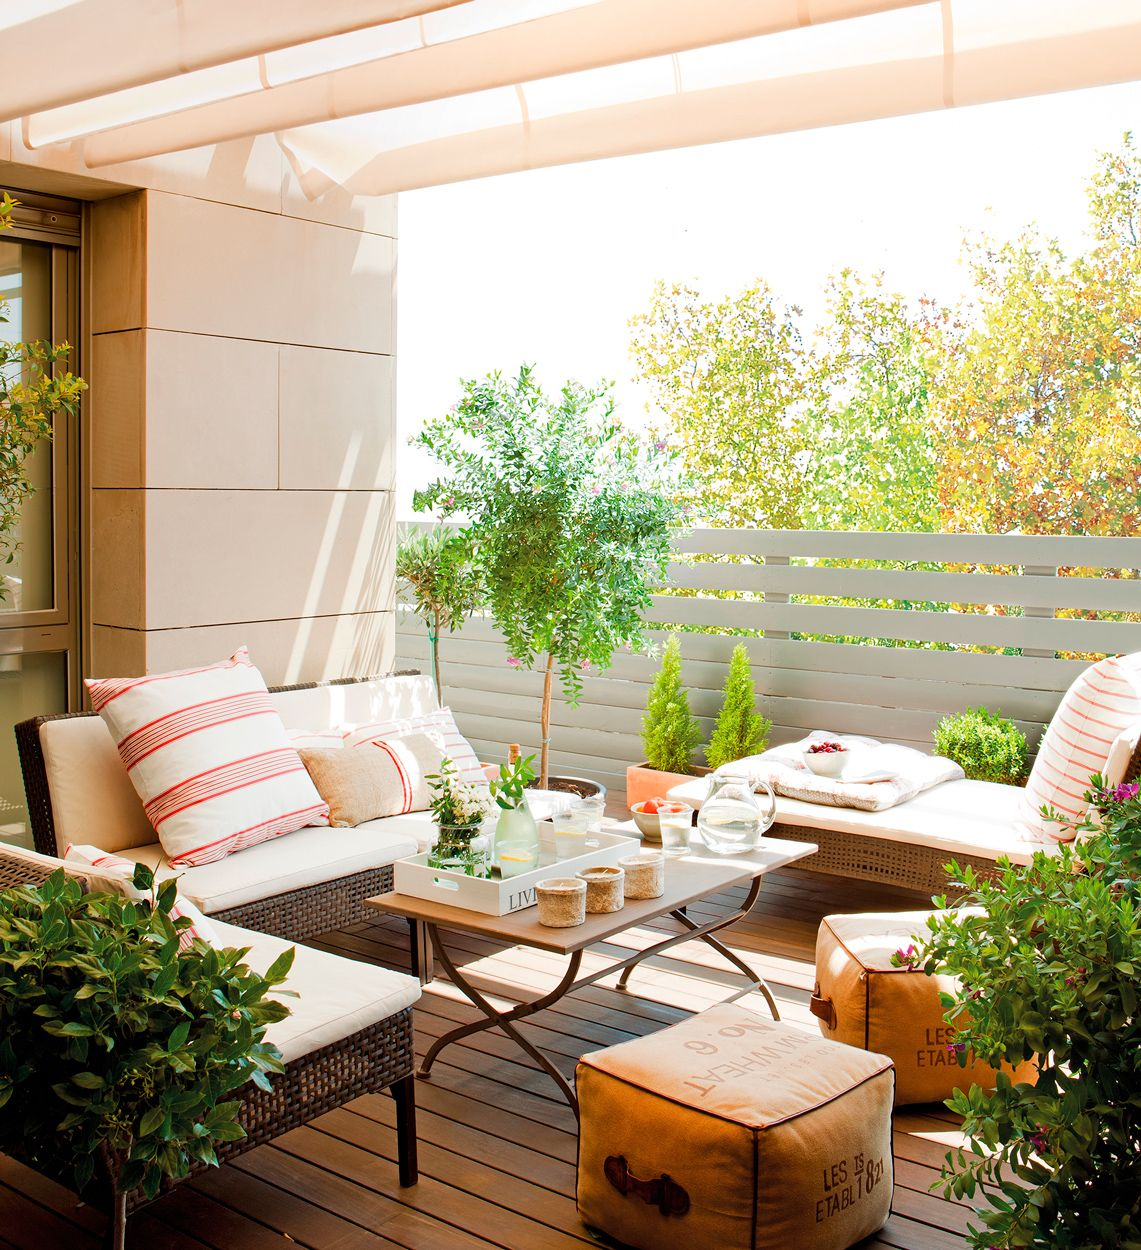 Terraza con sof s y chaise longue cojines en blanco y for Sofas terraza ikea